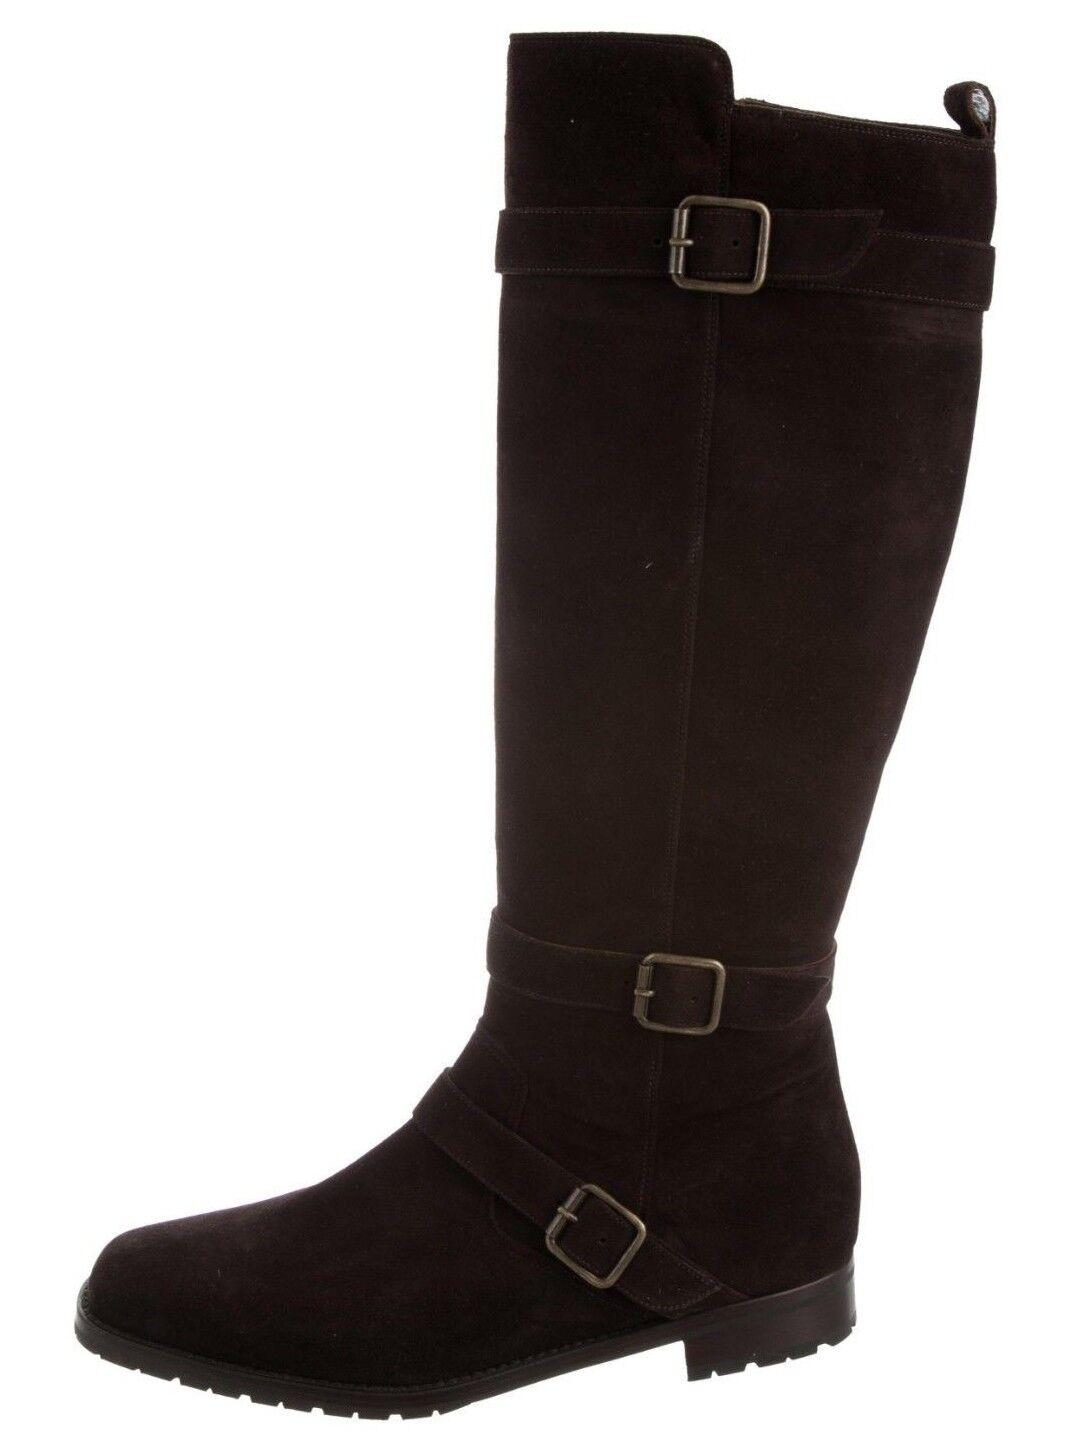 1695 Nueva Manolo Blahnik campo lema Plana De Gamuza Marrón Rodilla alta botas Zapato 40  Ahorre 60% de descuento y envío rápido a todo el mundo.